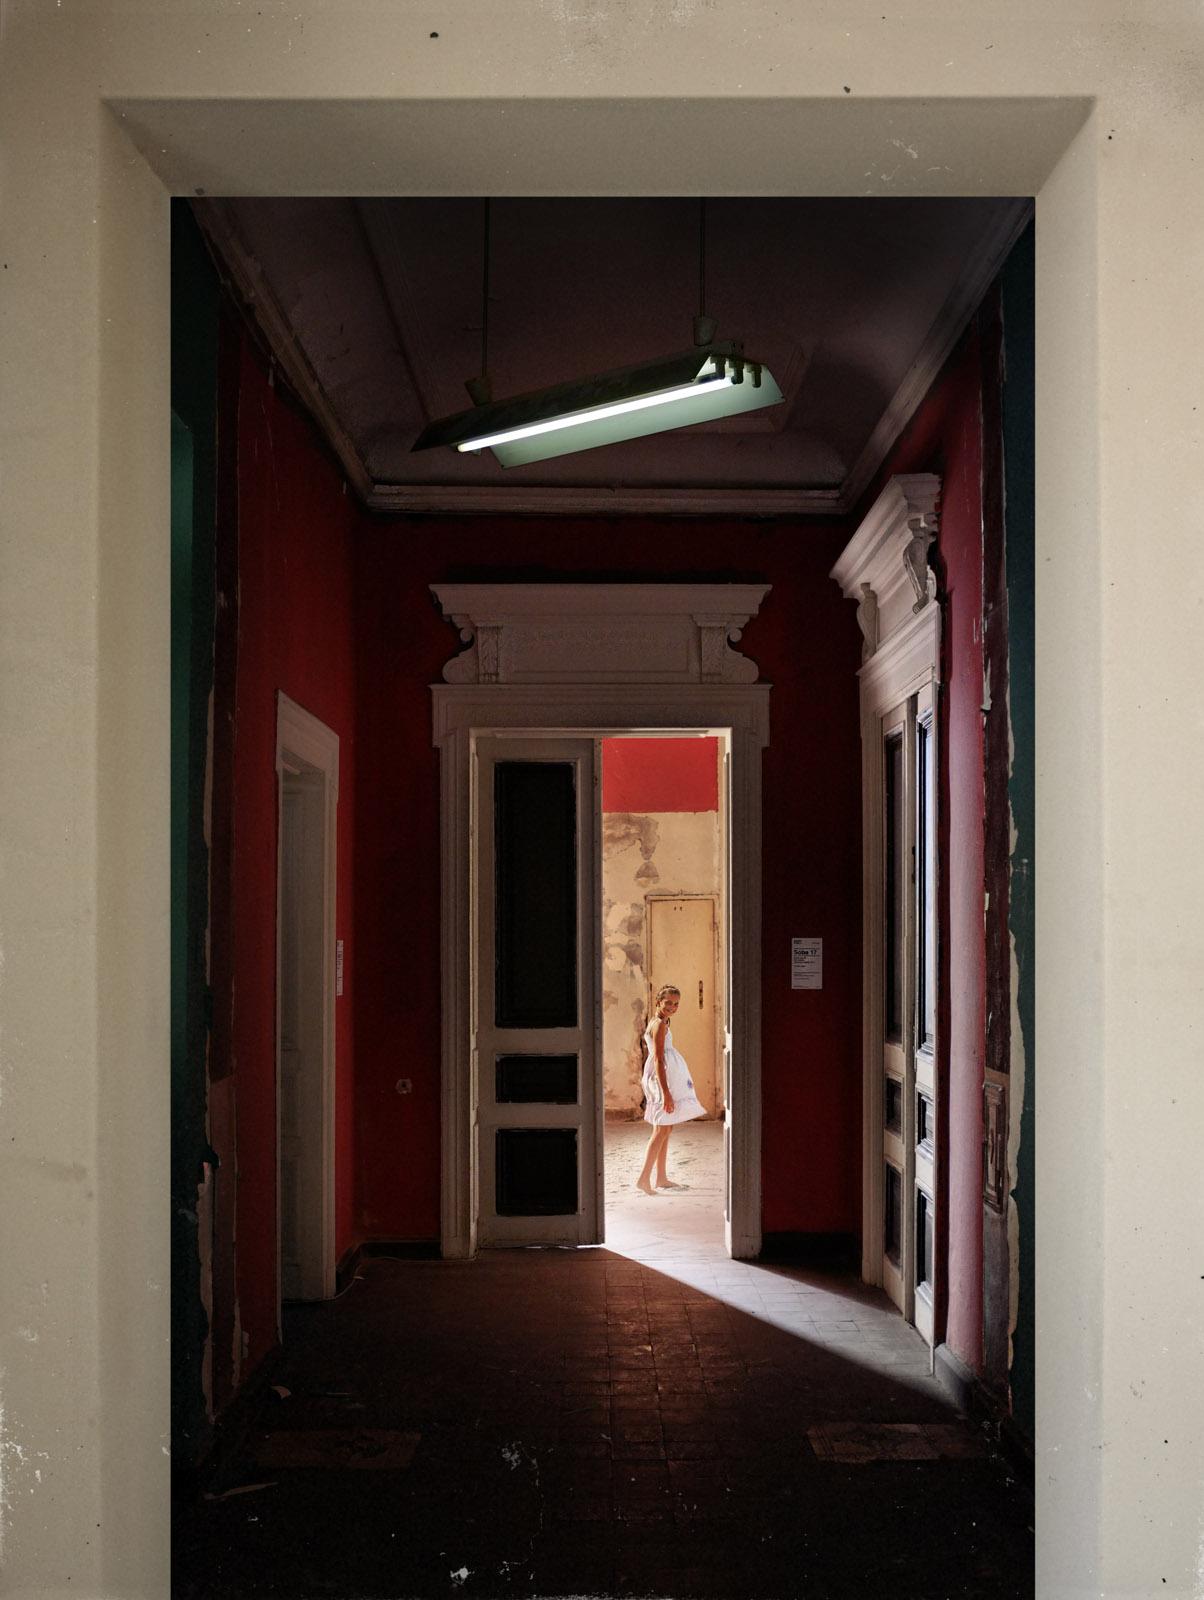 hallway.jpg?fit=1204%2C1600&ssl=1